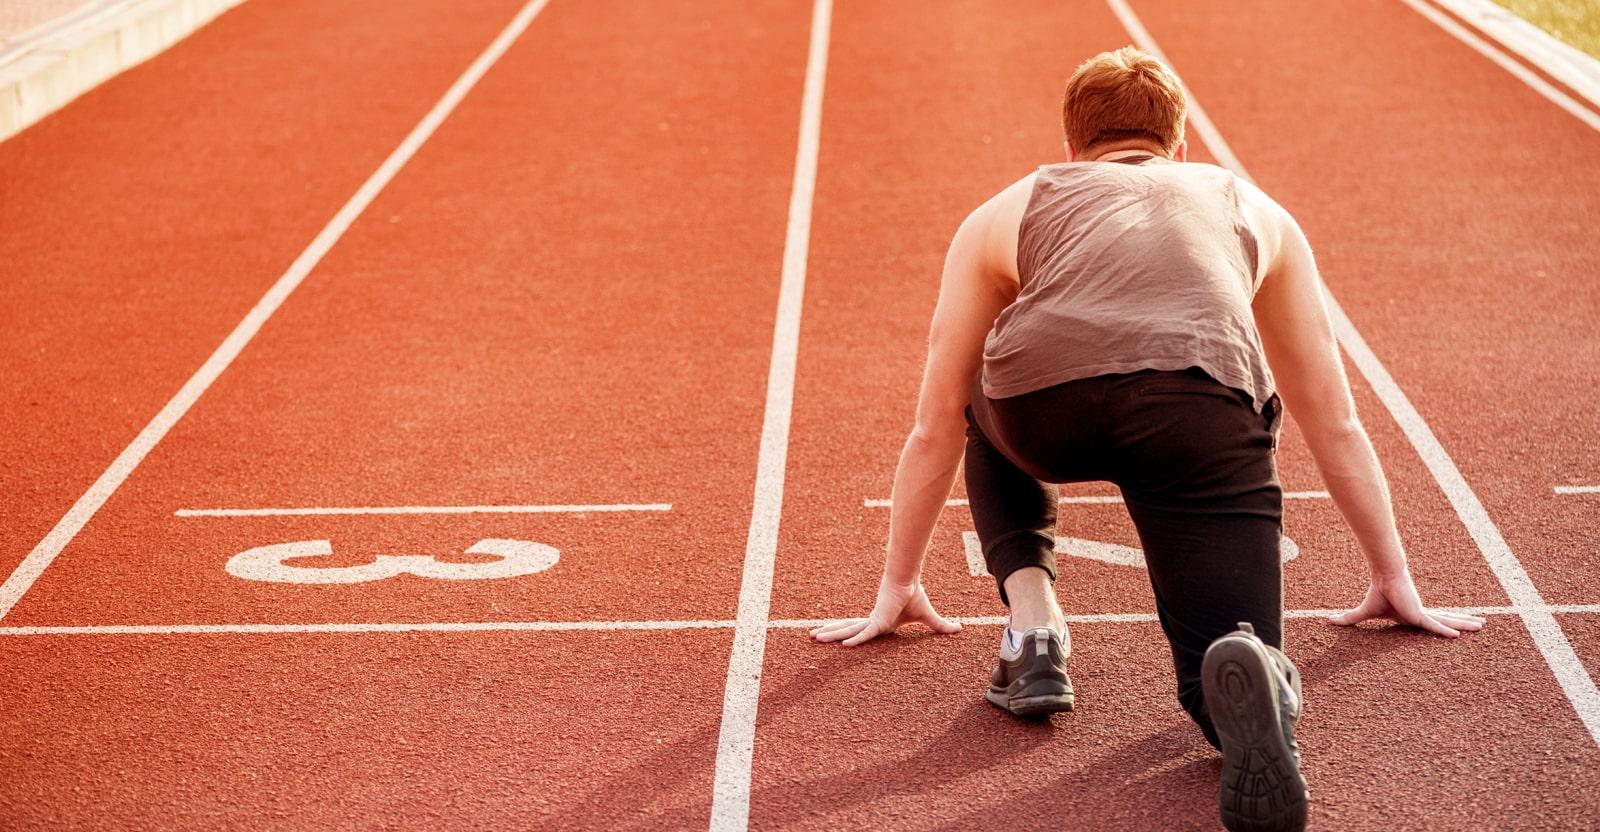 Pós em Metodologia do Treinamento Esportivo: Avaliação, Prescrição e Periodização.